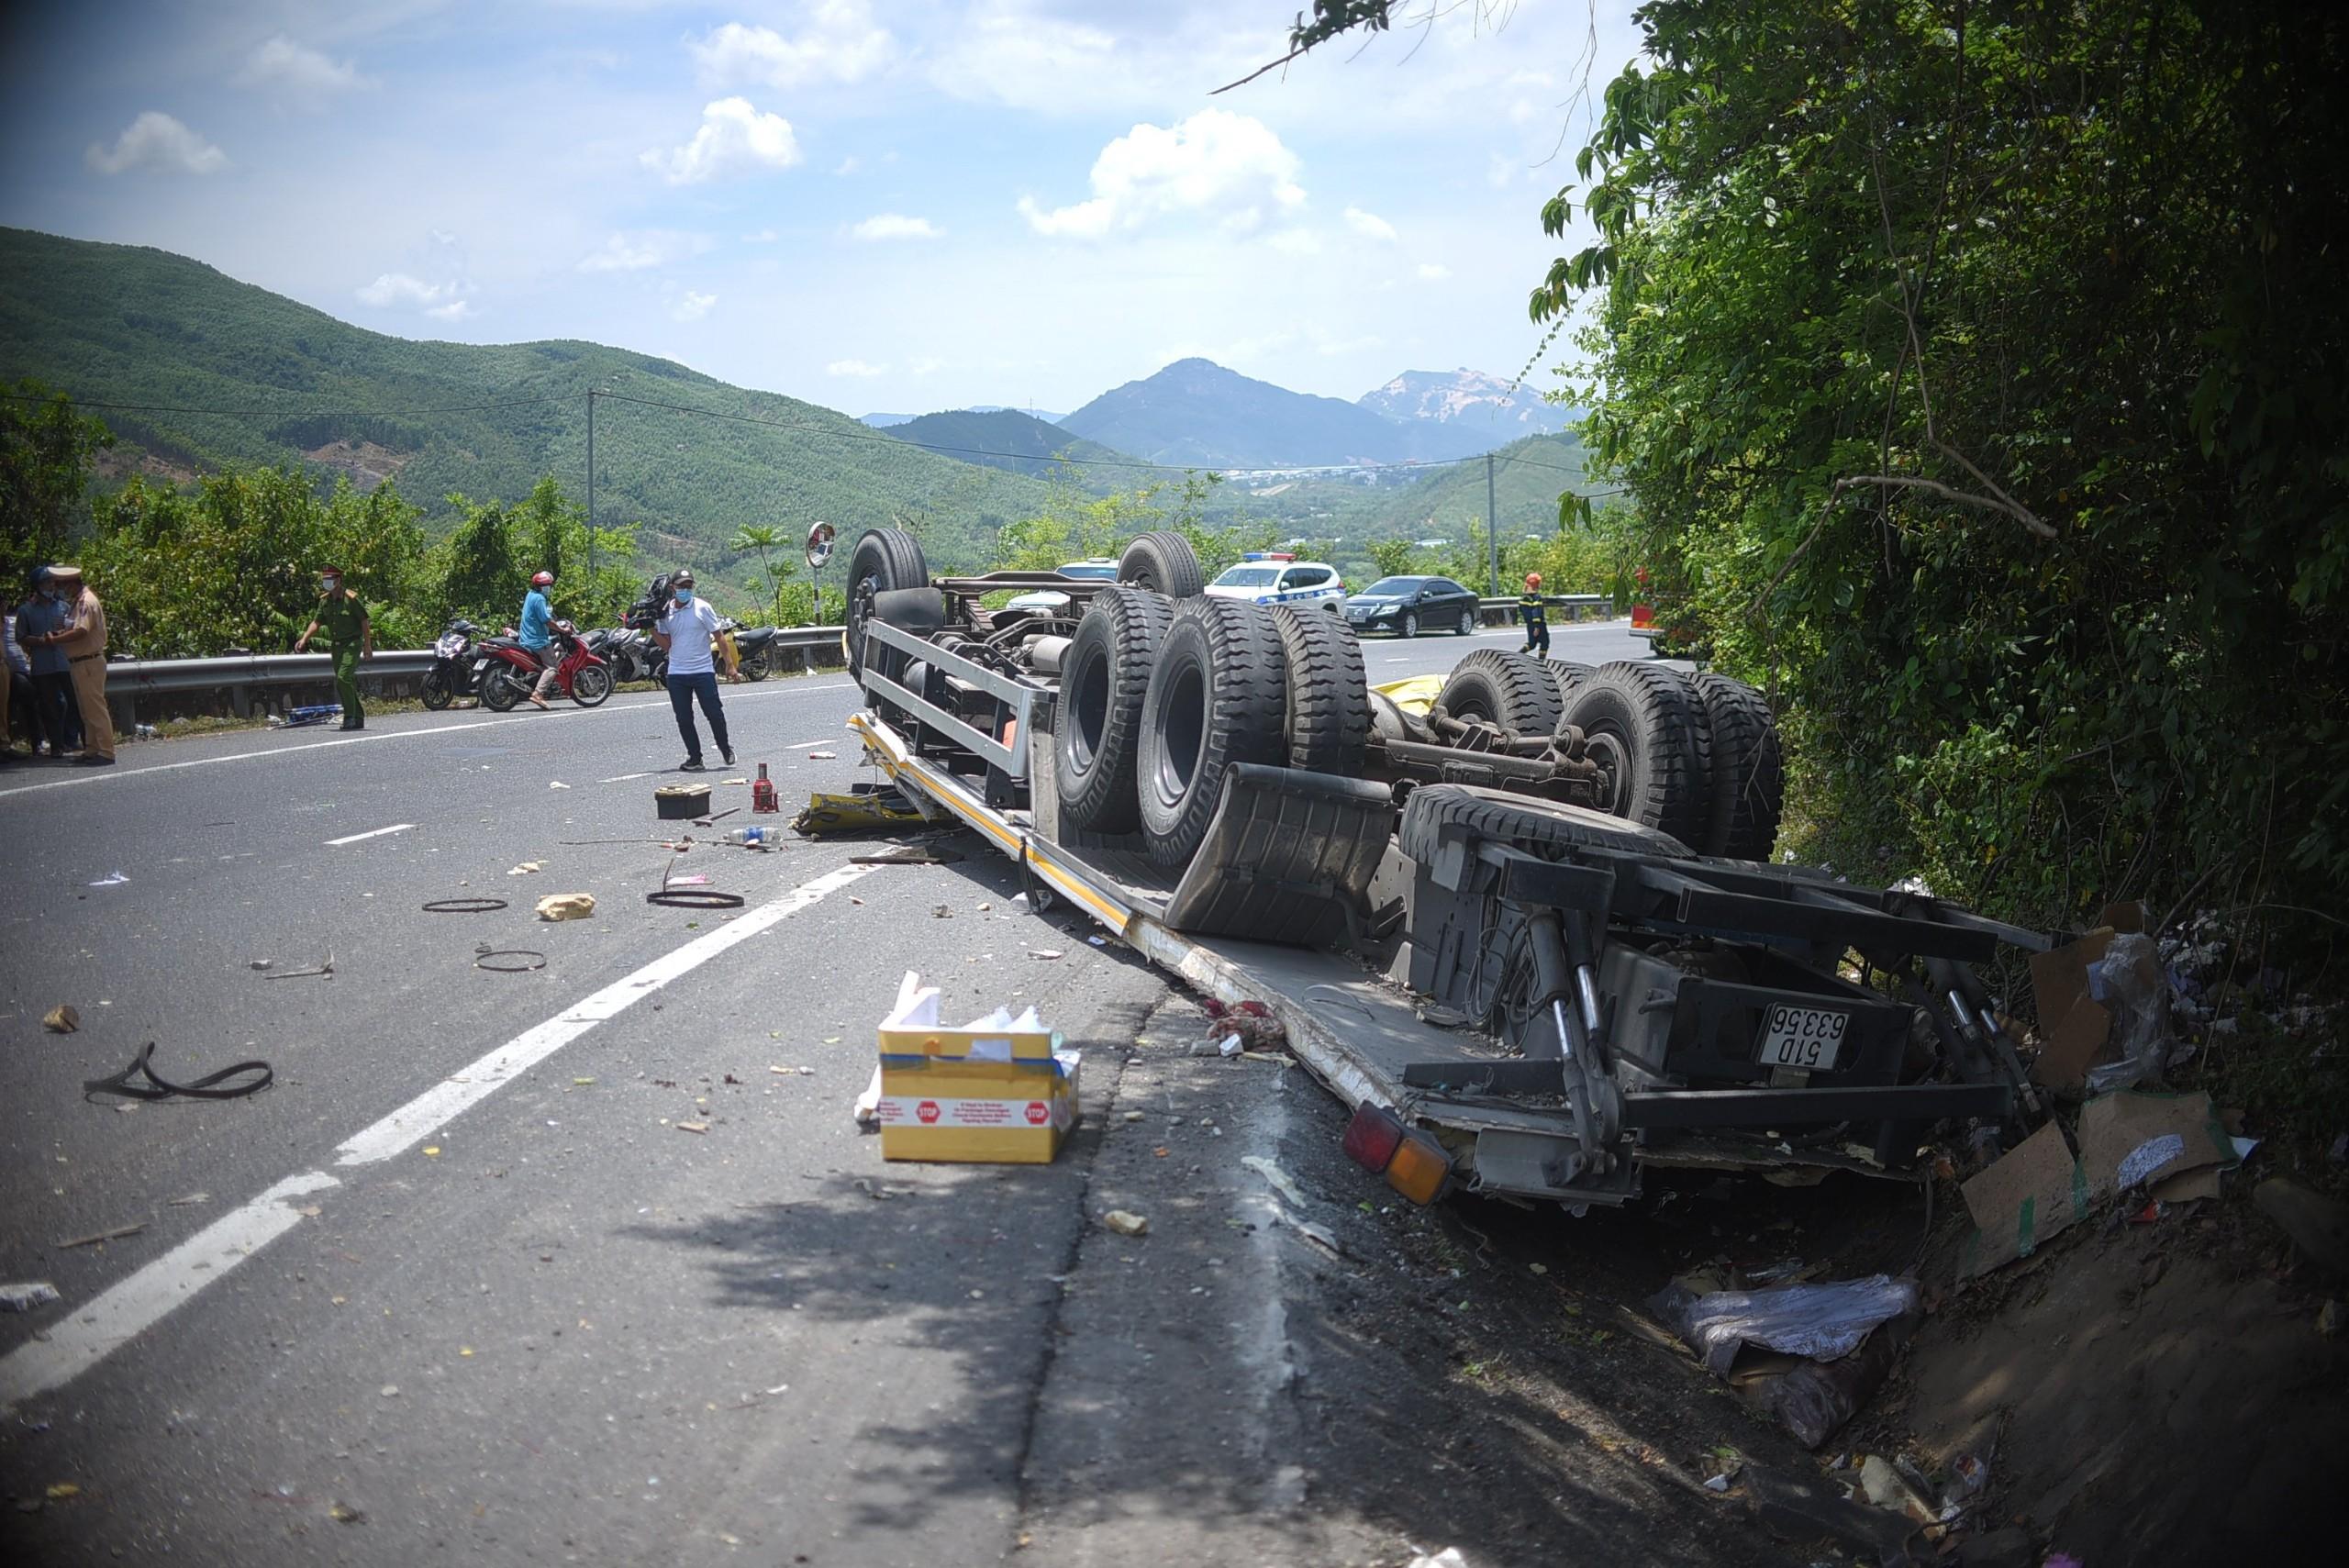 Cận cảnh tan hoang hiện trường vụ tai nạn khiến 2 người chết - Ảnh 3.